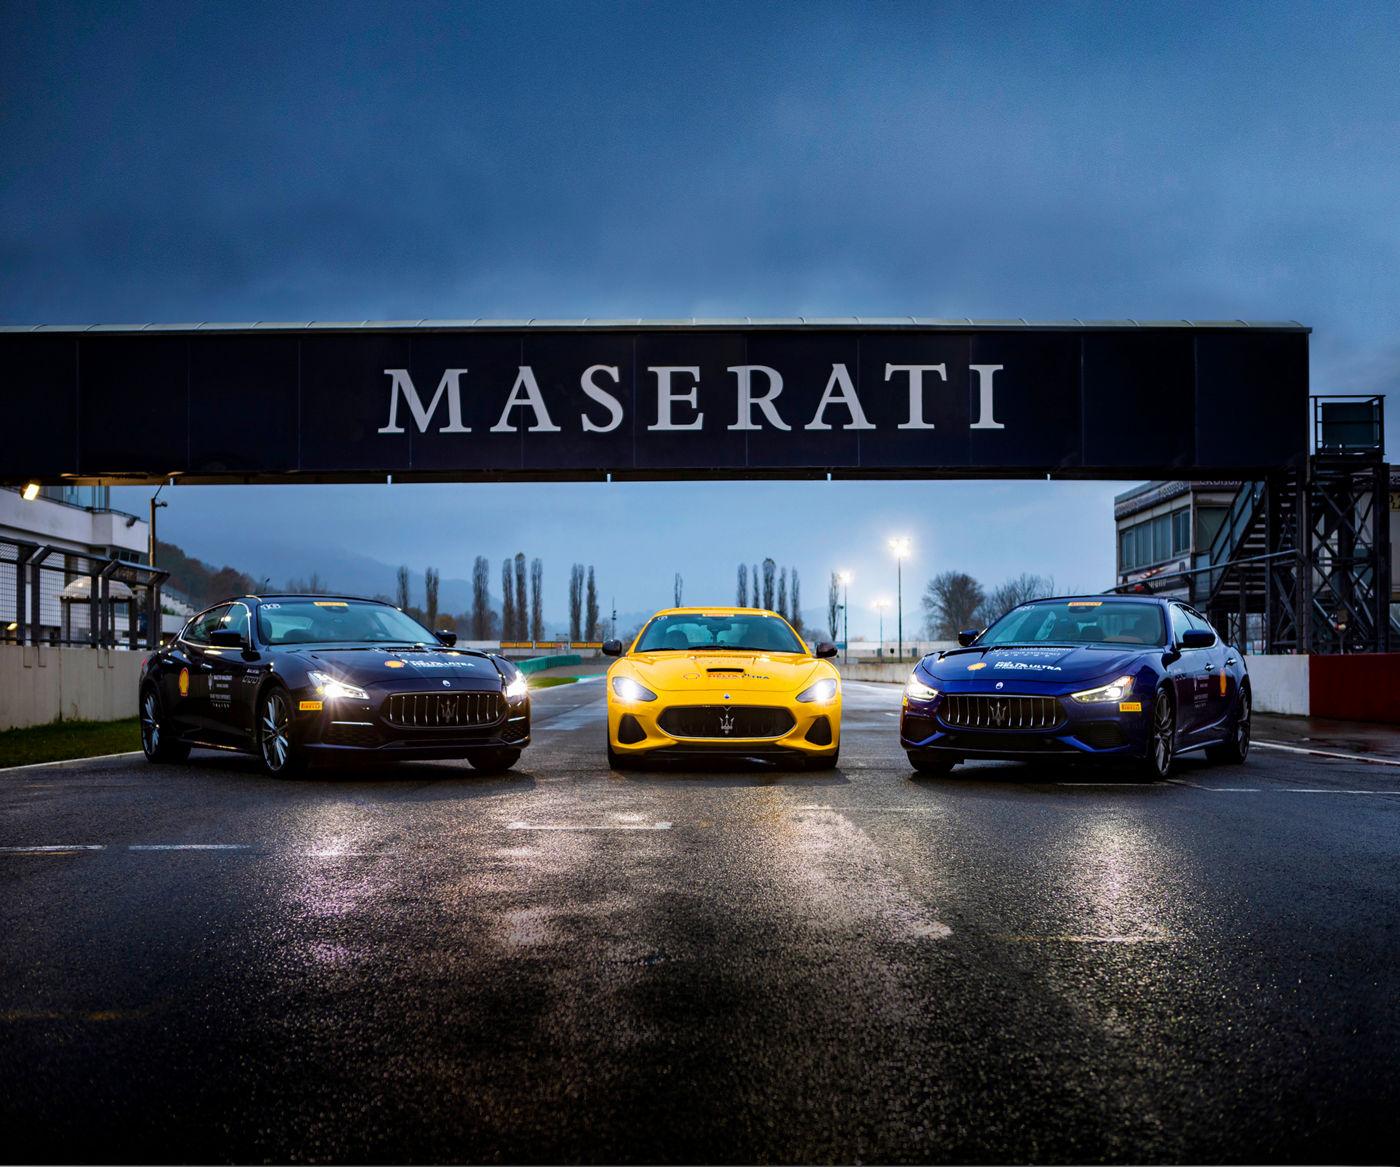 Maserati Fahrtraining: 3 Maserati Fahrzeuge auf einer Rennstrecke